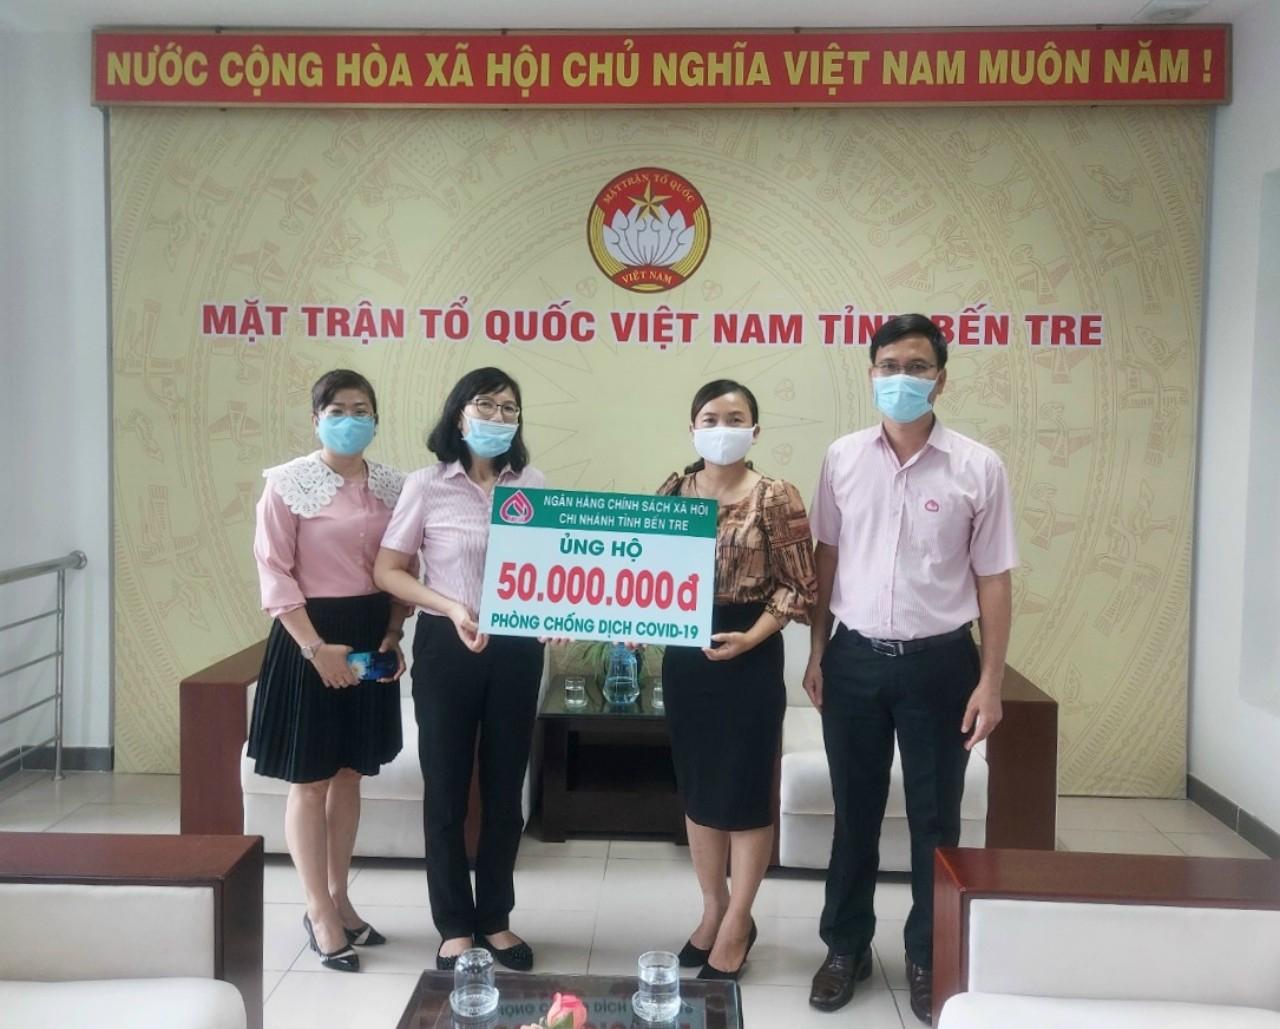 Ngân hàng Chính sách xã hội Chi nhánh tỉnh Bến Tre: Trao tiền ủng hộ phòng, chống dịch Covid-19